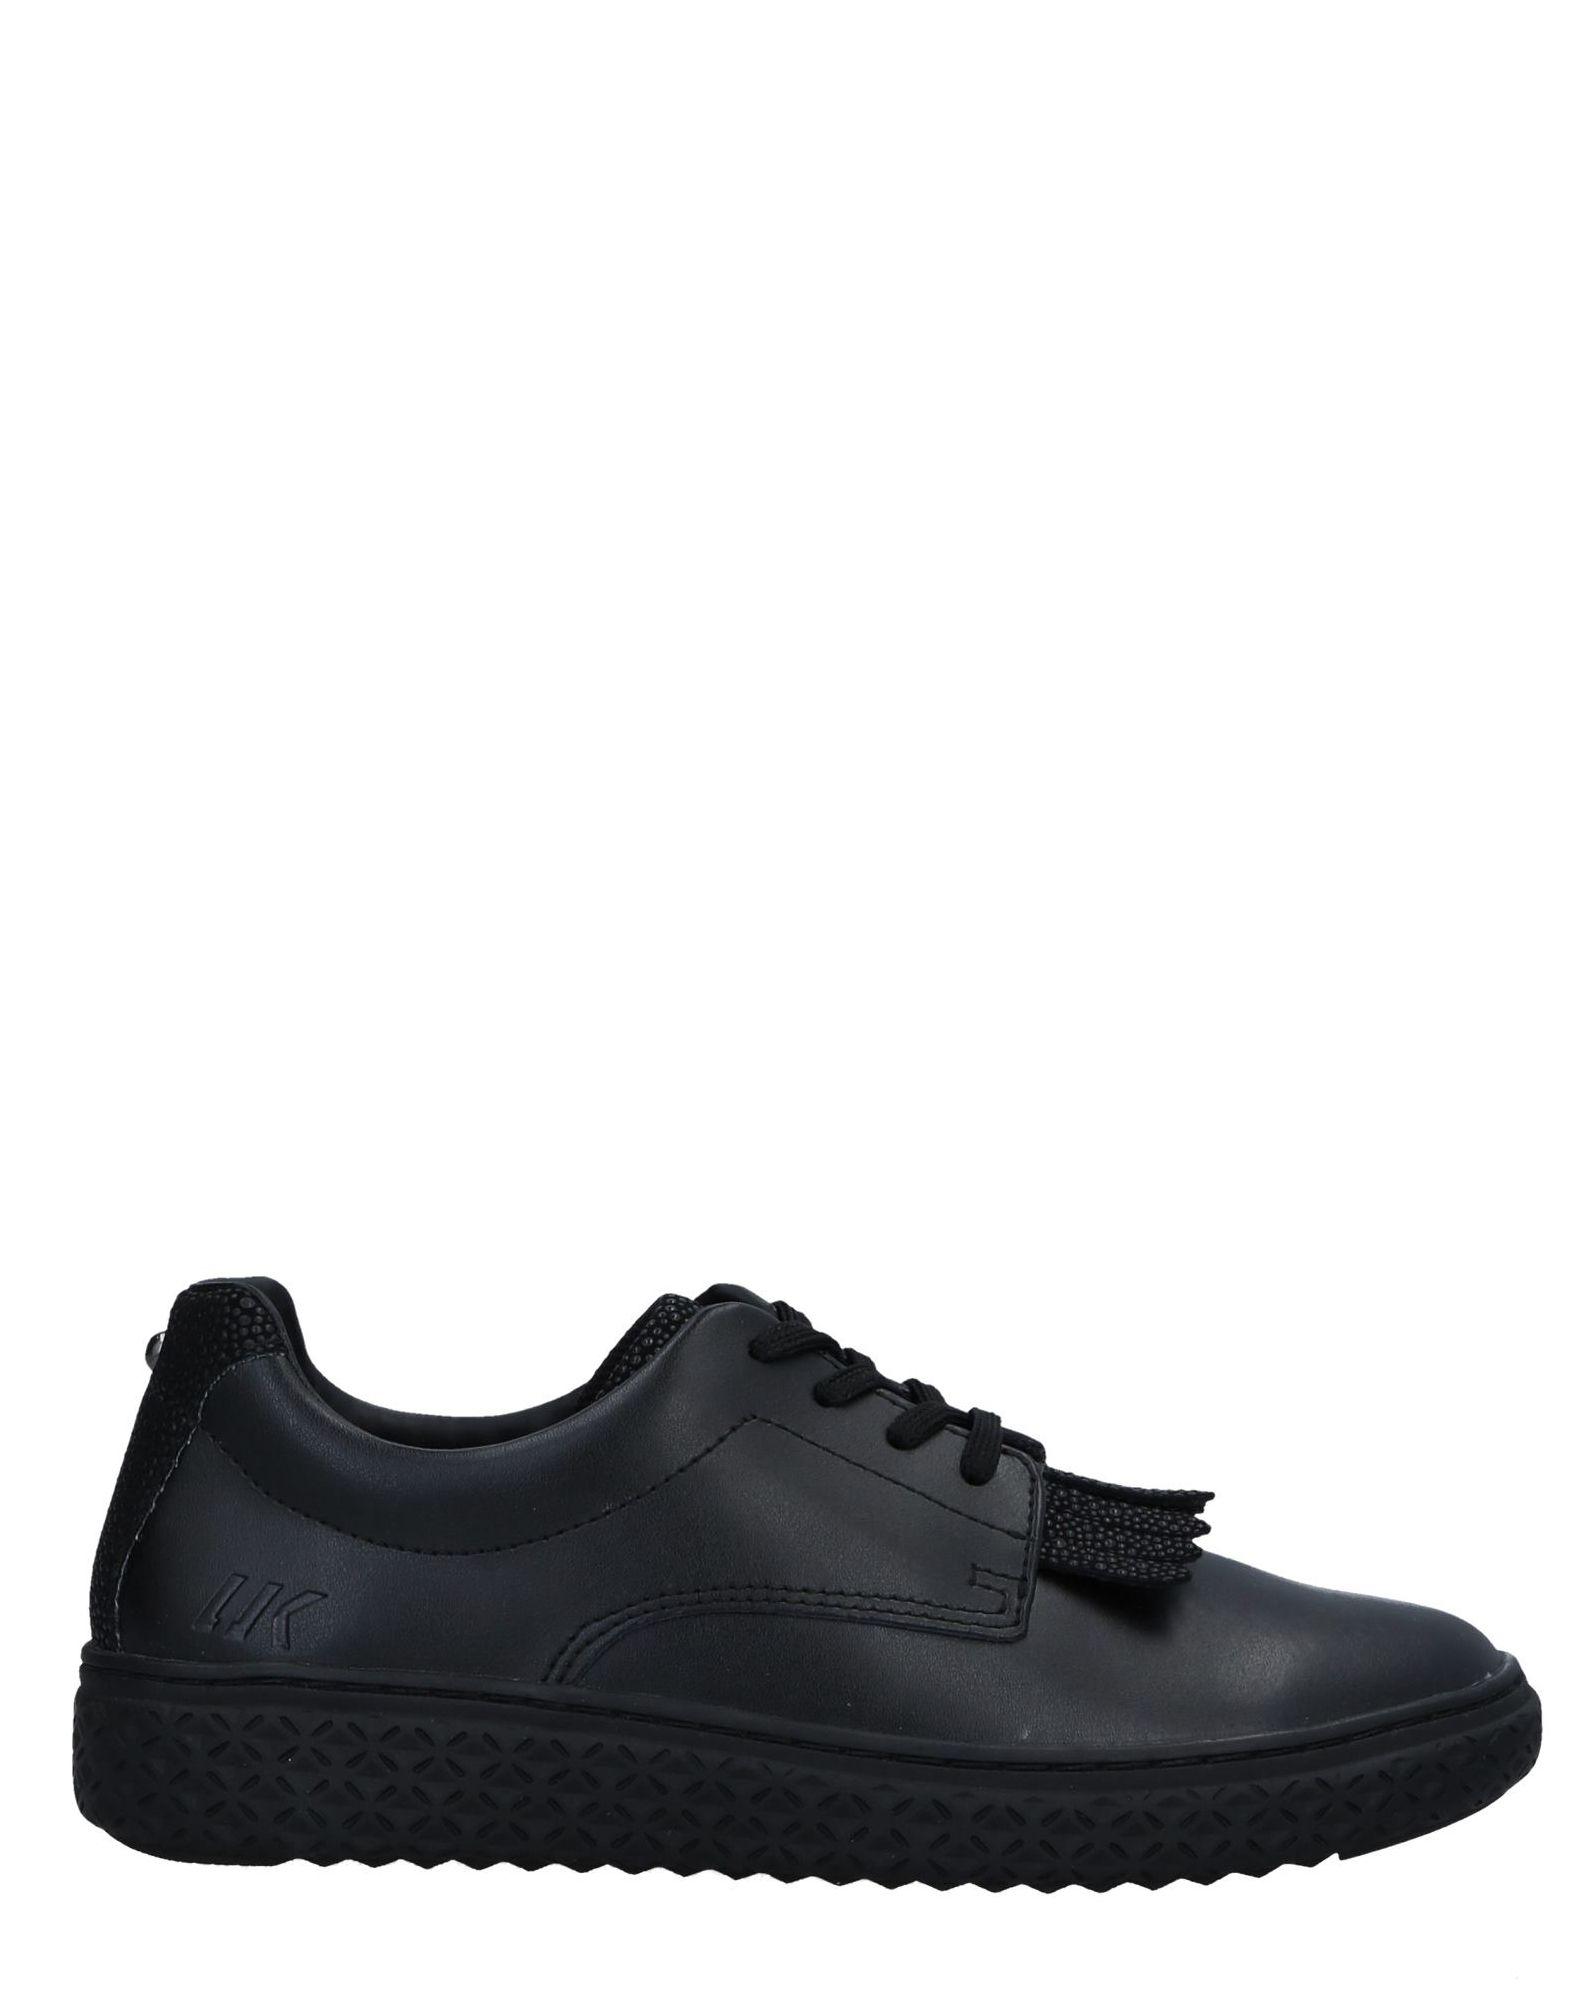 Lumberjack Sneakers Gute Damen  11514561AG Gute Sneakers Qualität beliebte Schuhe 02ab41